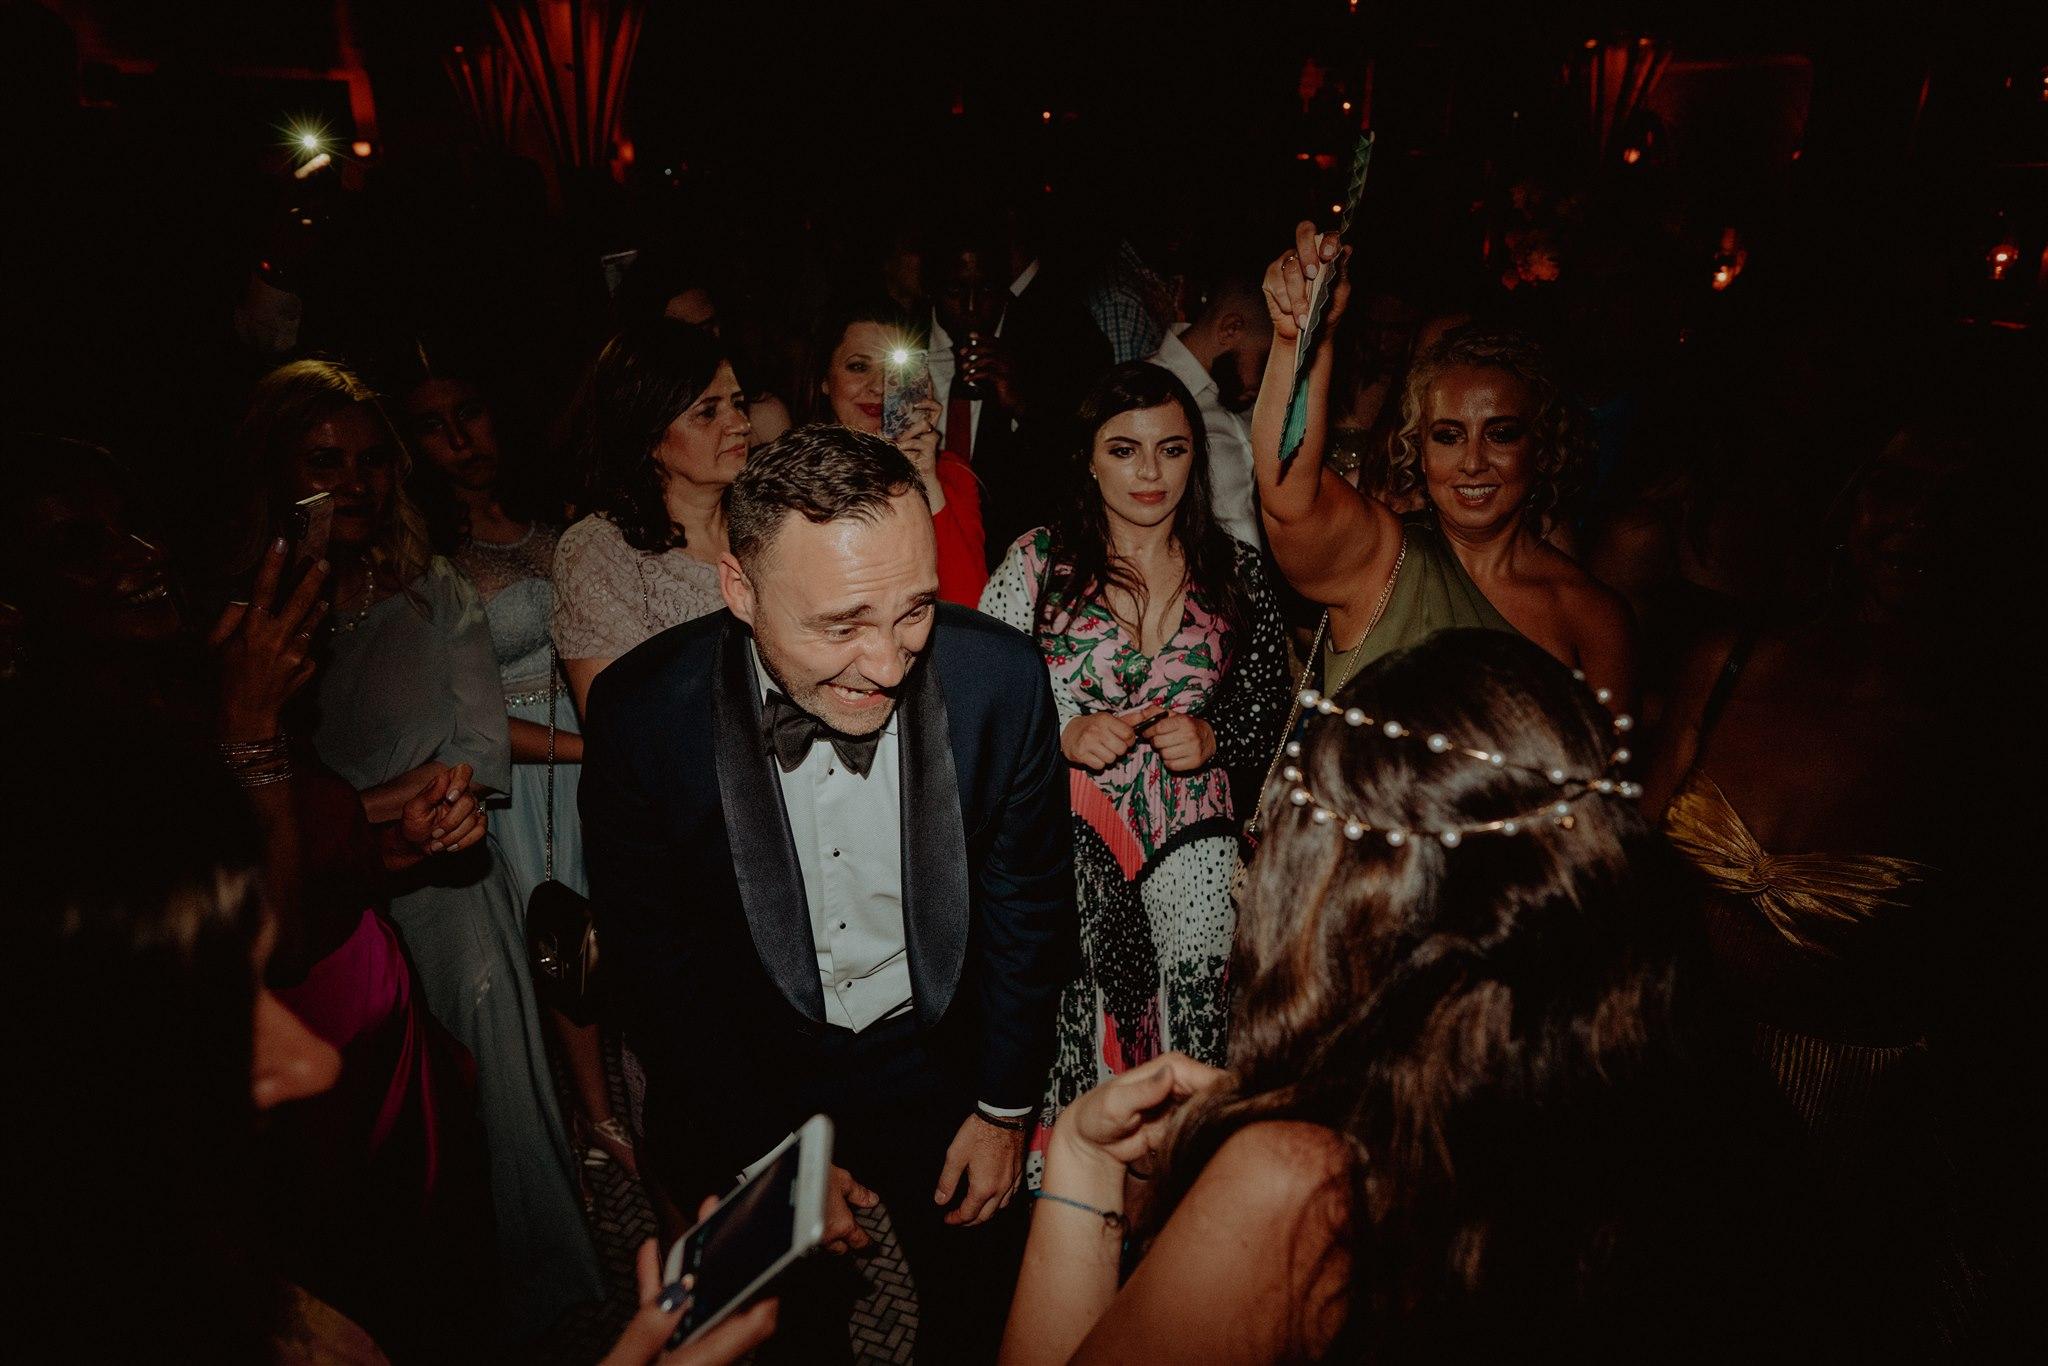 Chellise_Michael_Photography_Ramona_Brooklyn_Wedding_Photographer-599.jpg